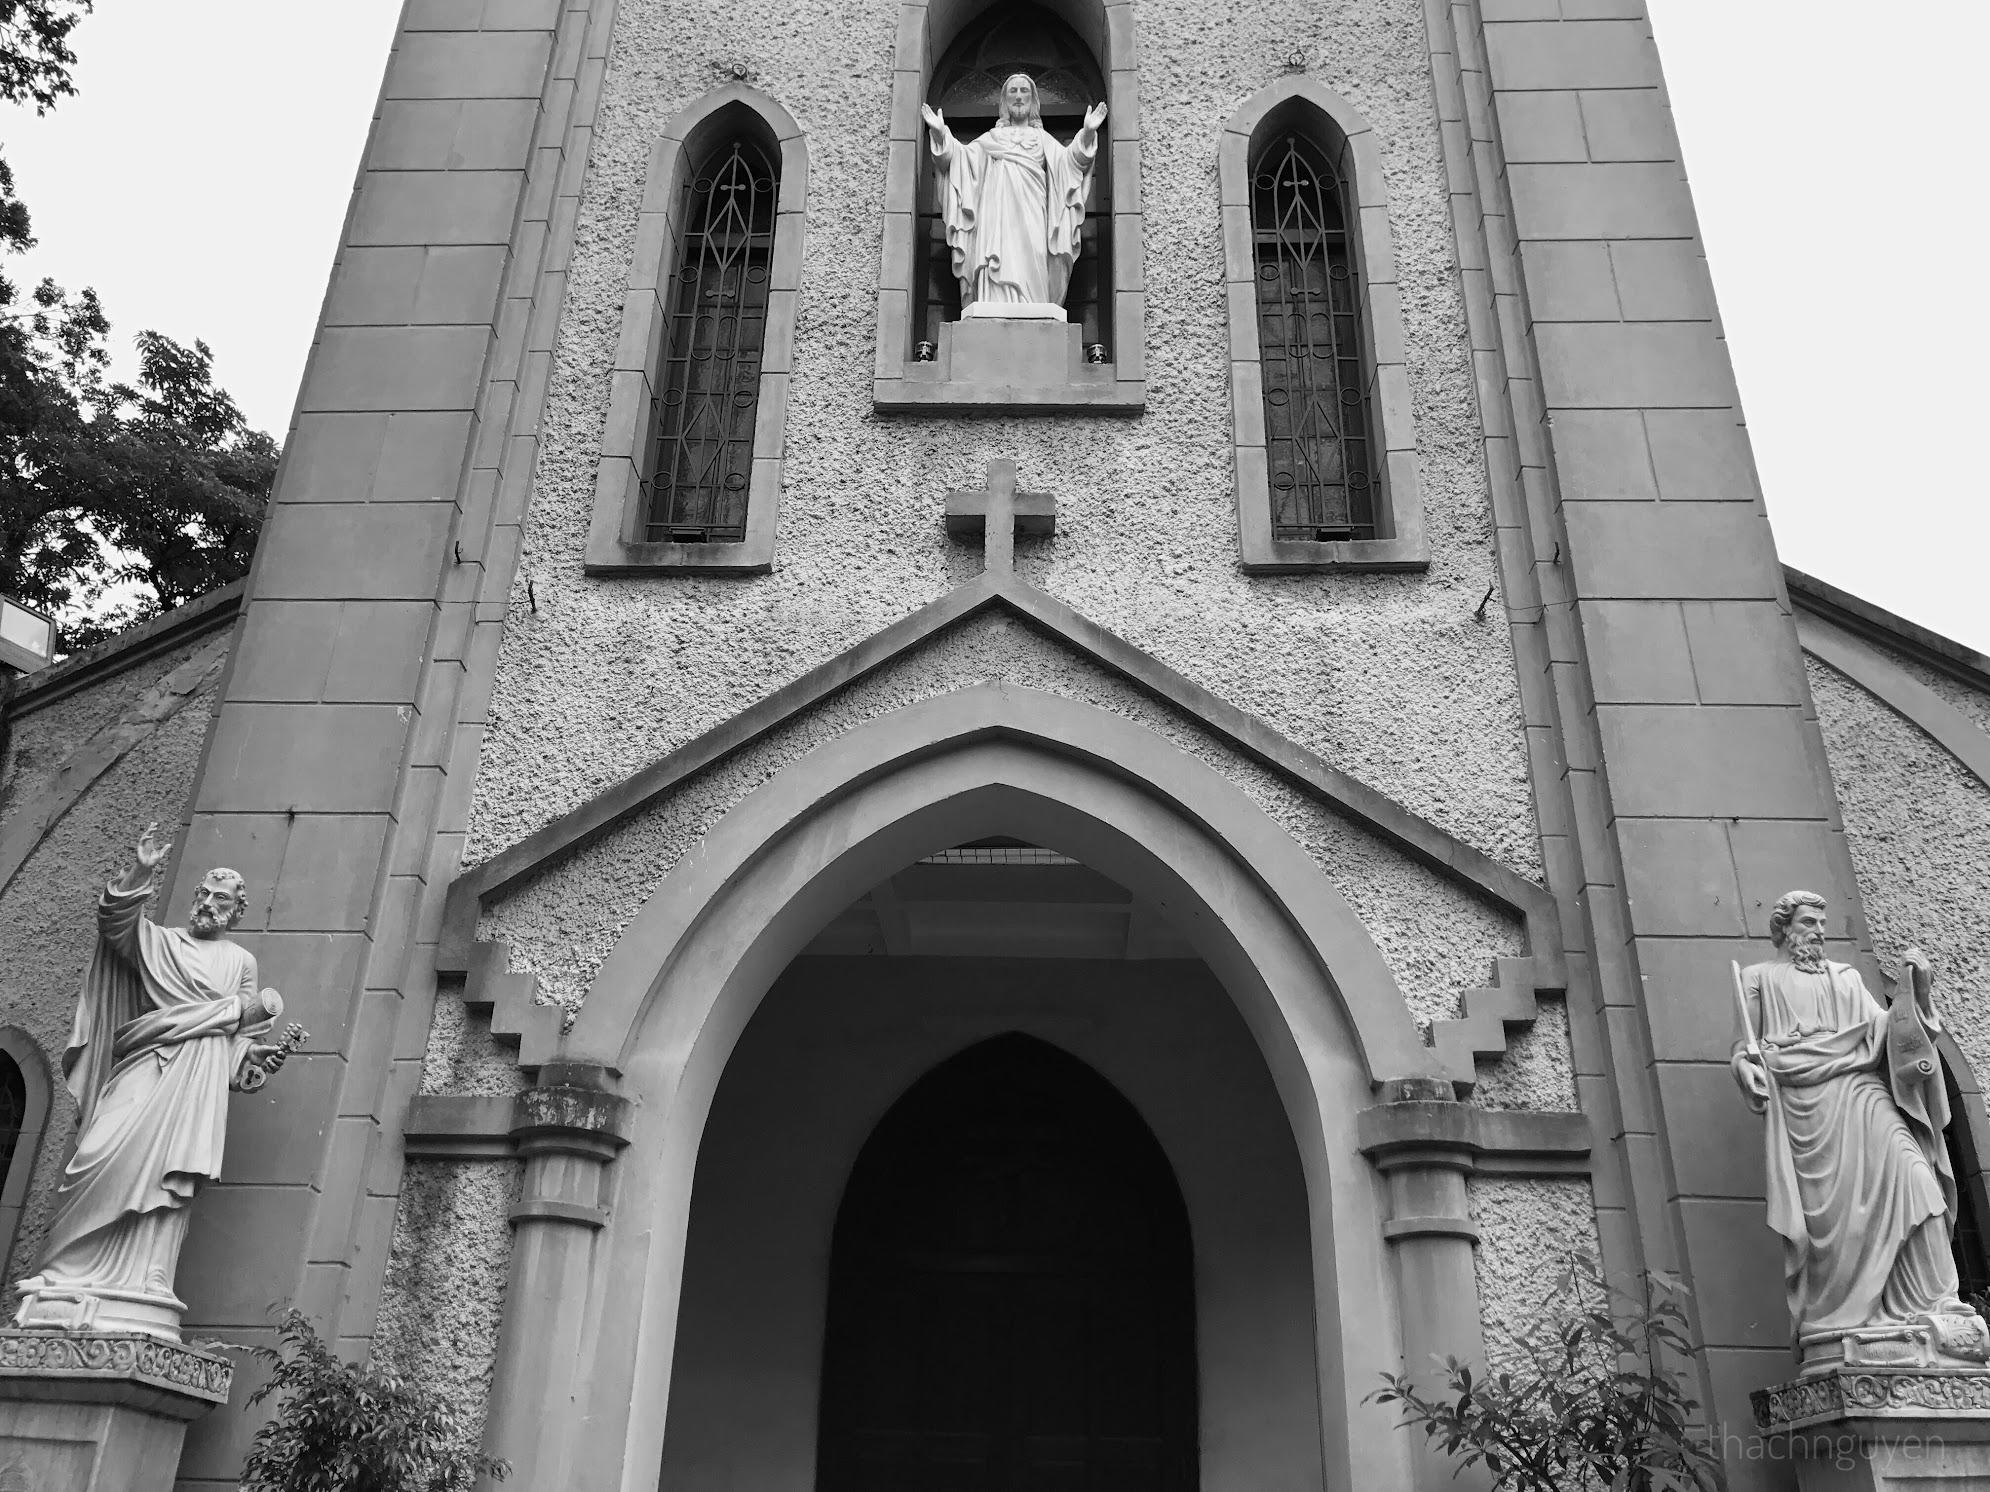 Tháp chuông nhà thờ Hàm Long